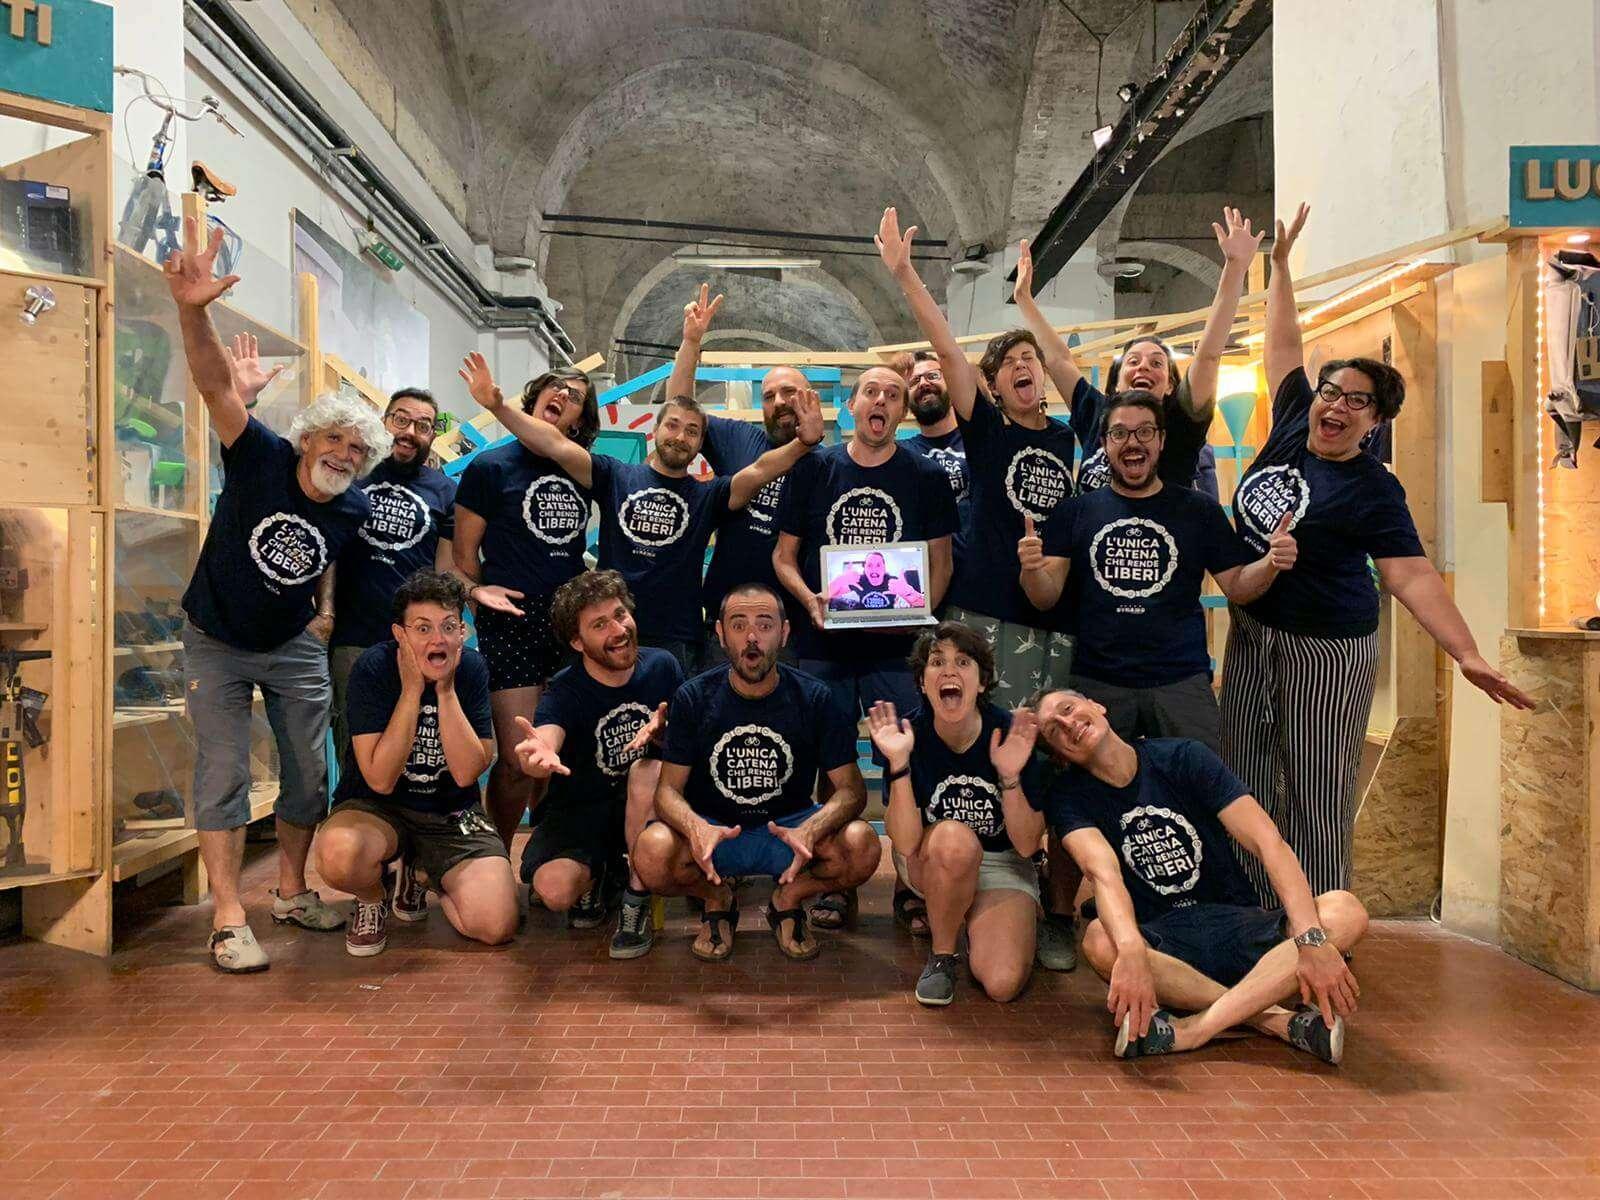 Dalla cooperativa Dynamo e l'associazione Salvaiciclisti nasce un progetto di governance collettiva: nasce il gruppo Dynamo-Salvaiciclisti, un'unica organizzazione di professionisti e volontari per rendere Bologna una città che respira.